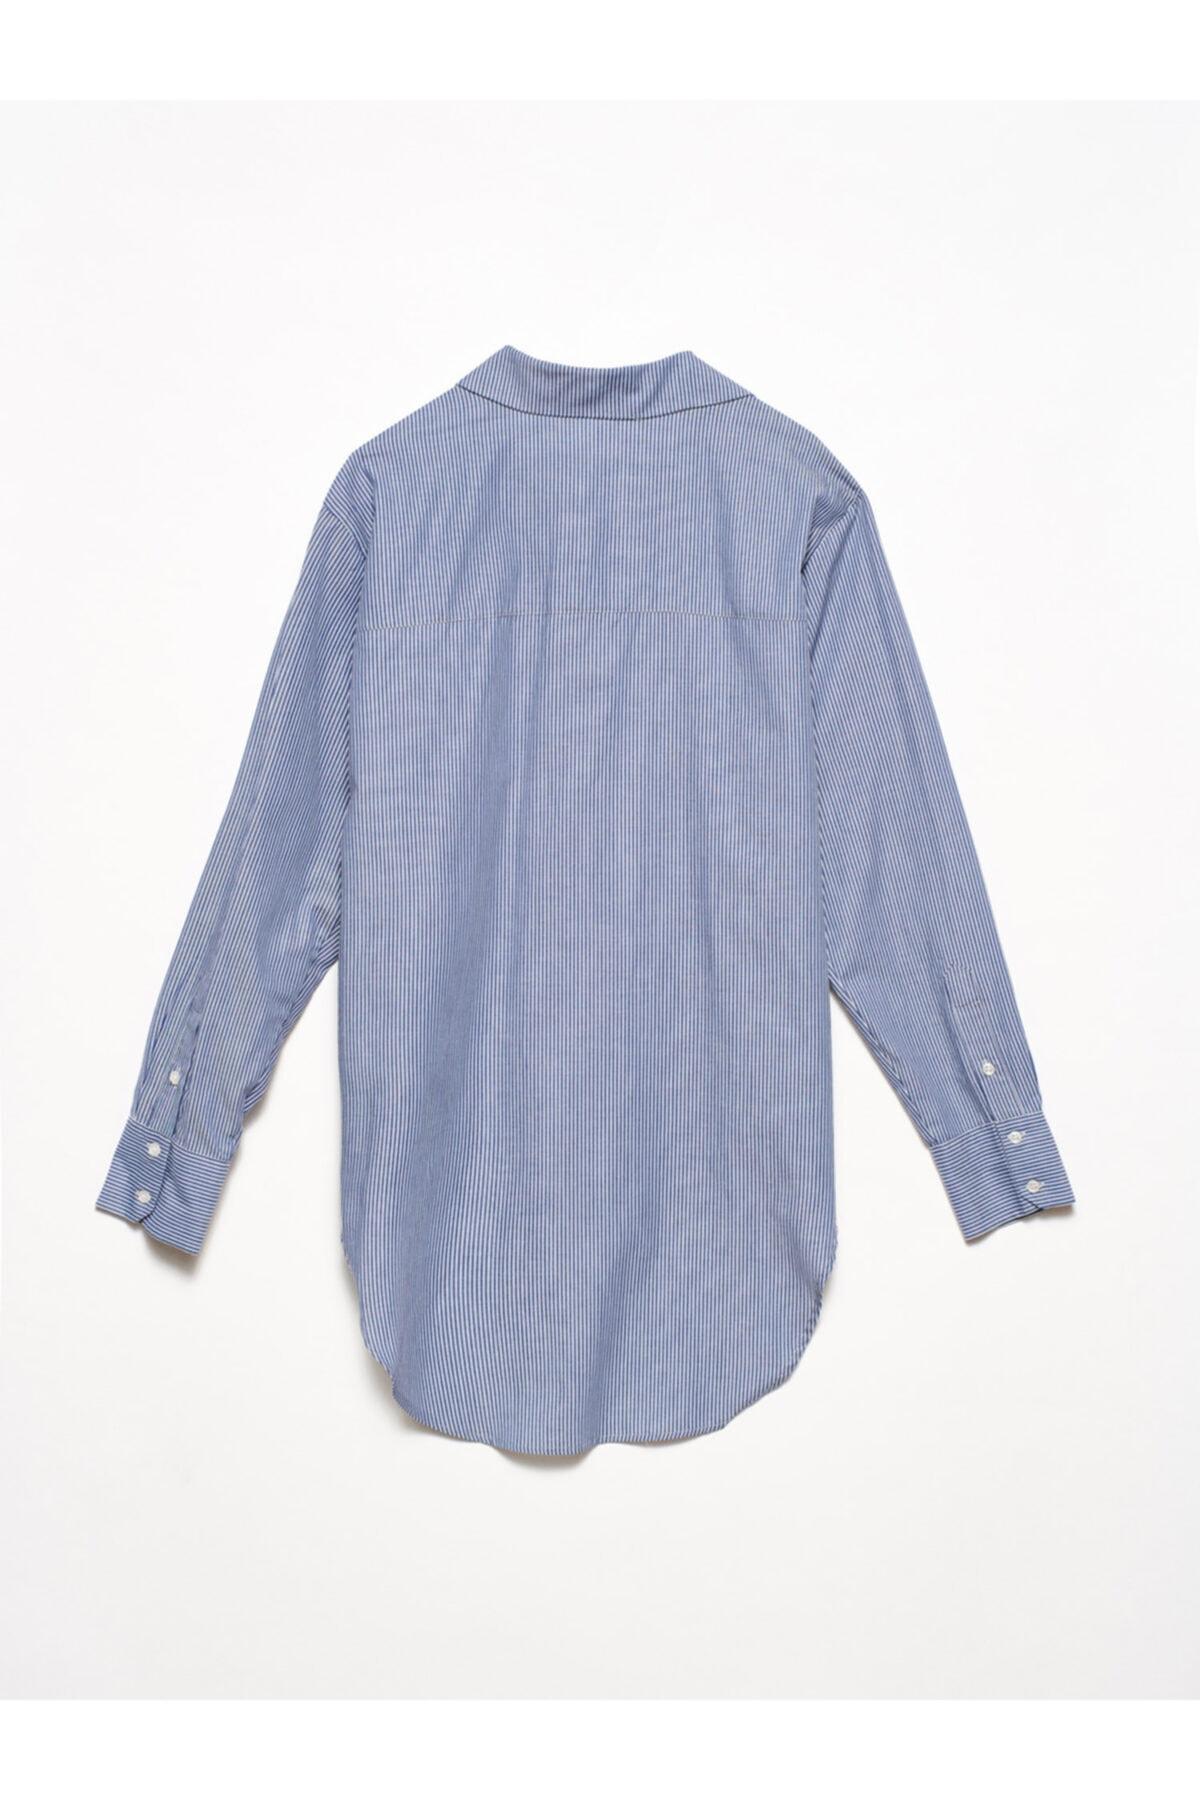 Dilvin Kadın Mavi 5202 Arkası Uzun Klasik Gömlek 103A05202 2